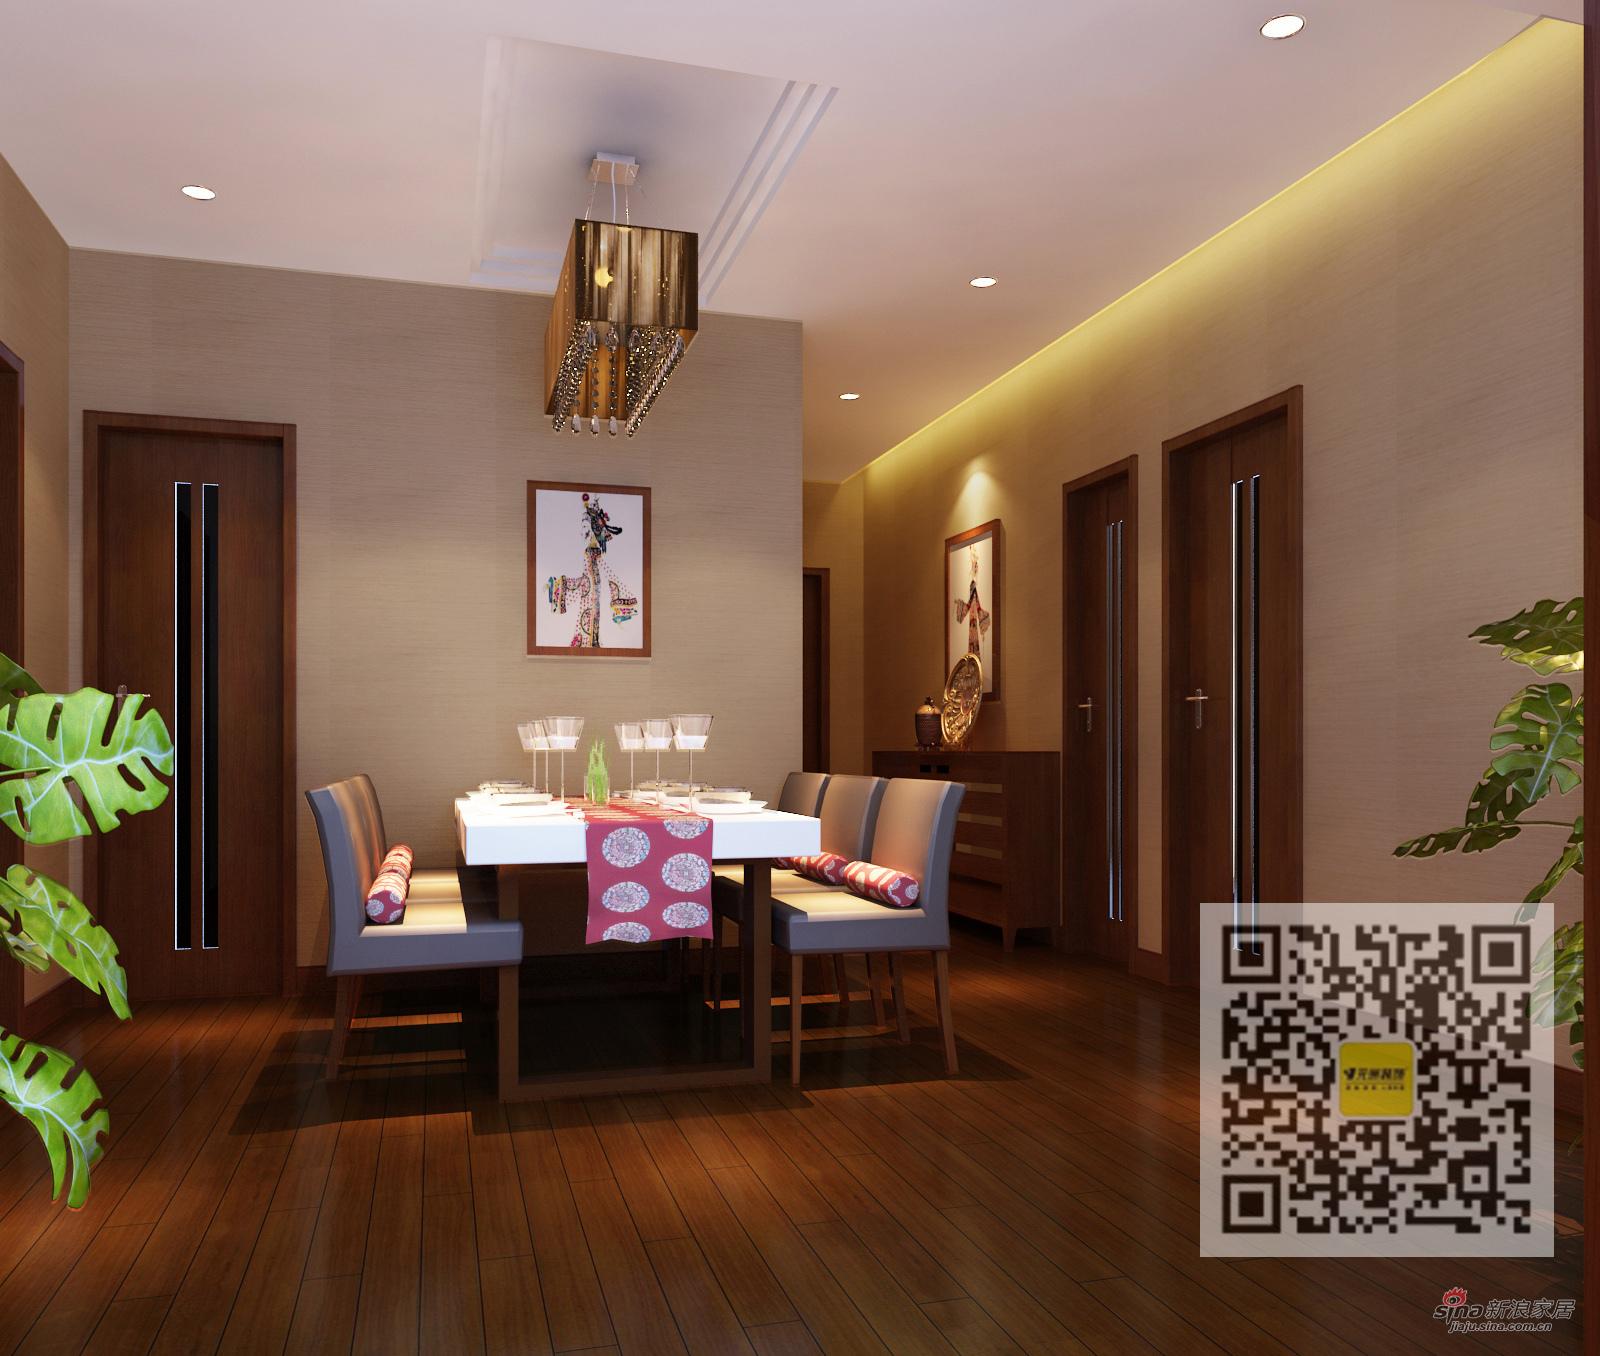 简约 四居 餐厅图片来自用户2739153147在雍和家园简约· 休闲四居室85的分享